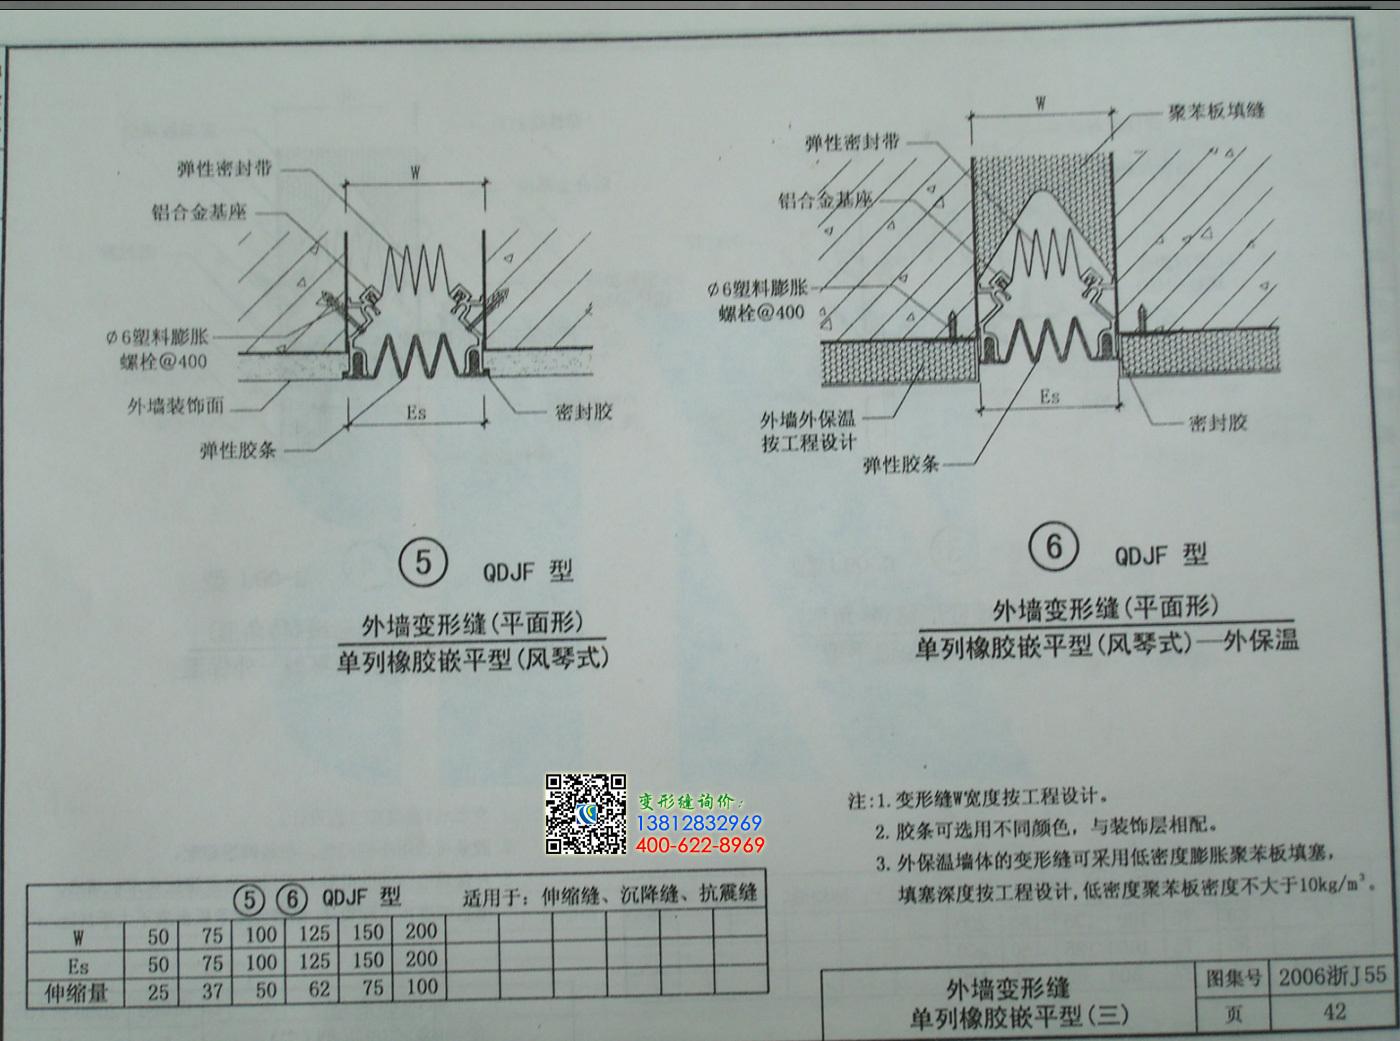 2006浙j55外墙第42页